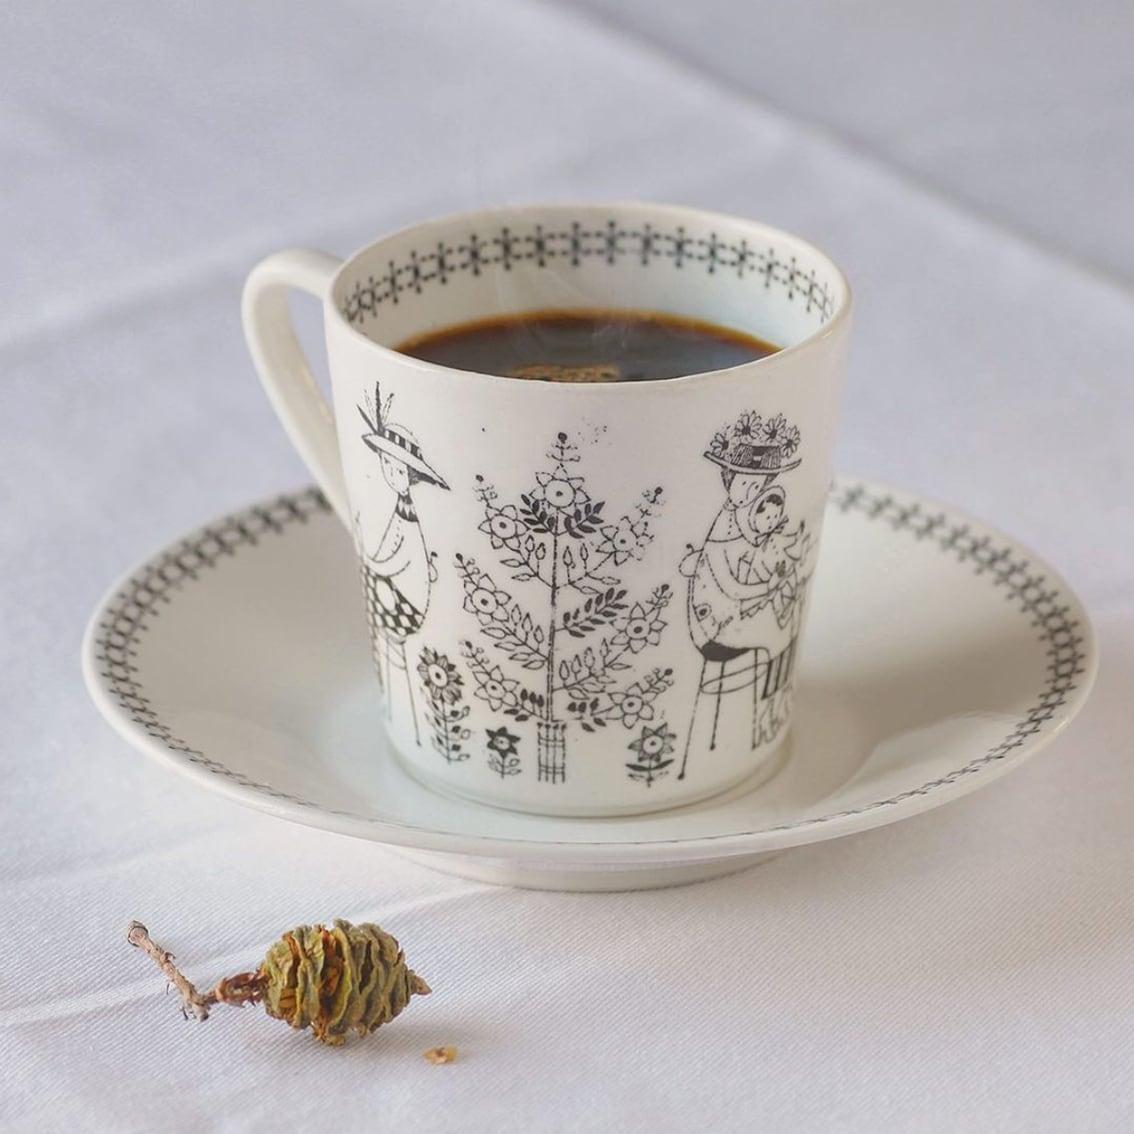 ARABIA アラビア Emilia エミリア コーヒーカップ&ソーサー -1 北欧ヴィンテージ